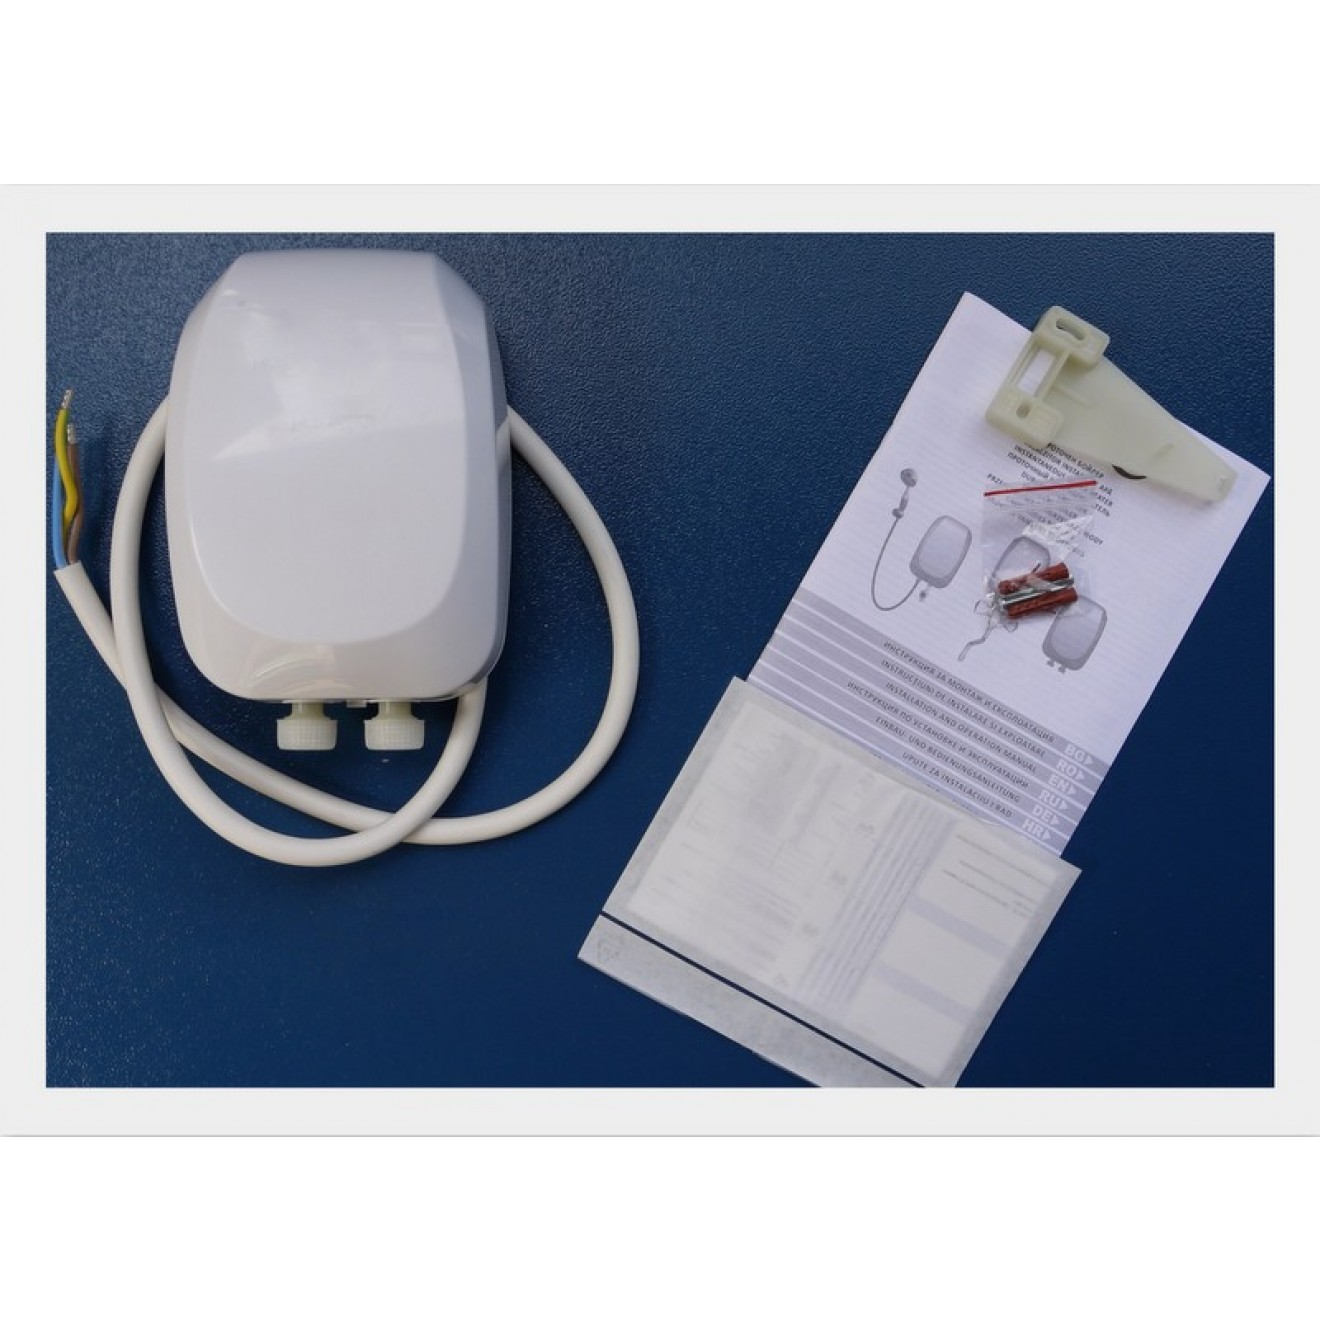 elektronischer durchlauferhitzer 3,5 kw 5,0 kw 7,0 kw untertisch ... - Mini Durchlauferhitzer Für Küche